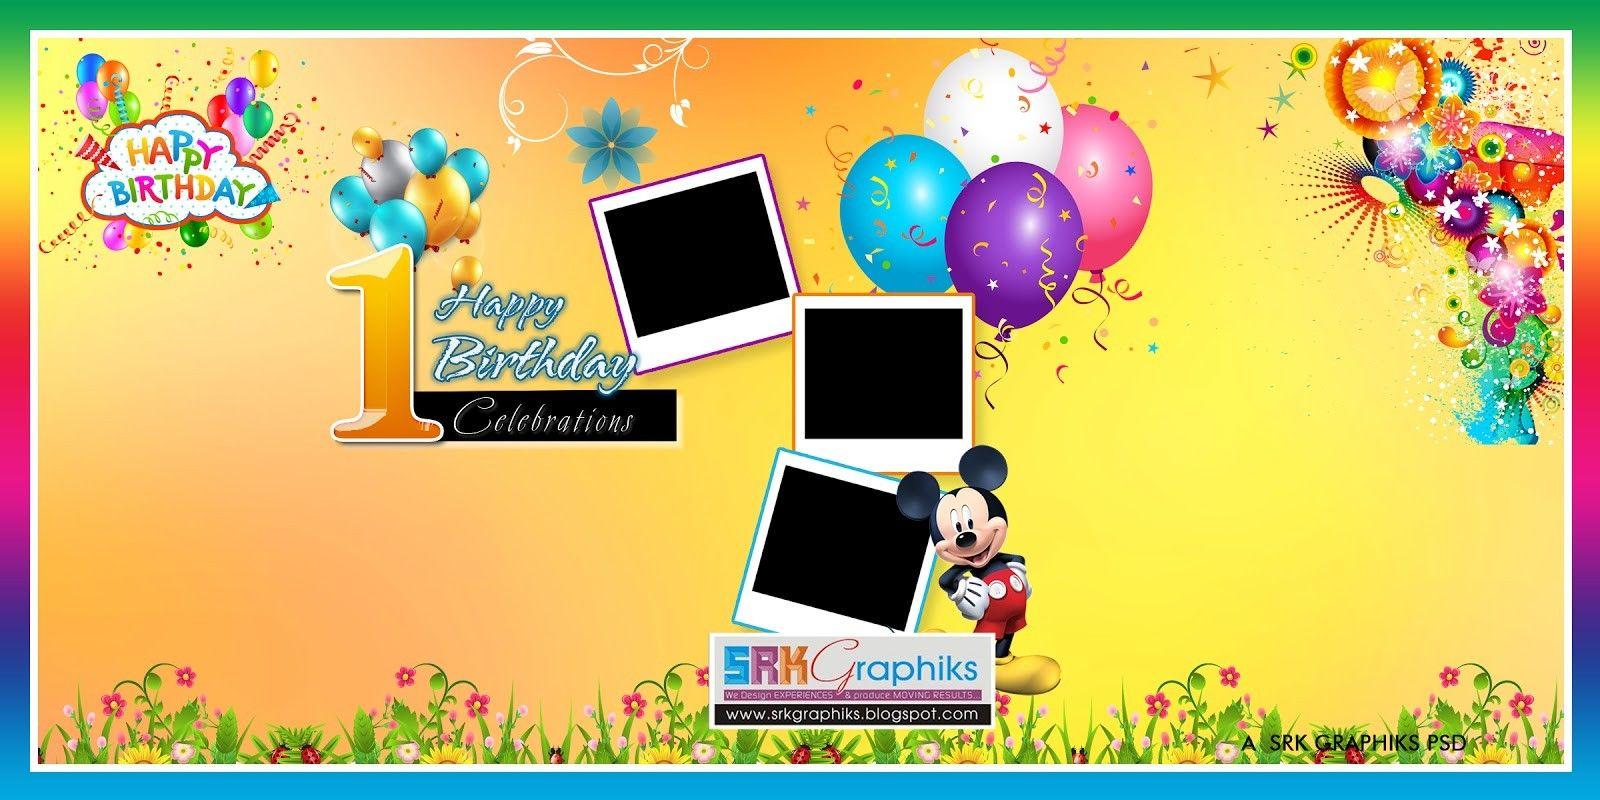 8 2b 25c3 2597 2b4 on birthday flex design templates